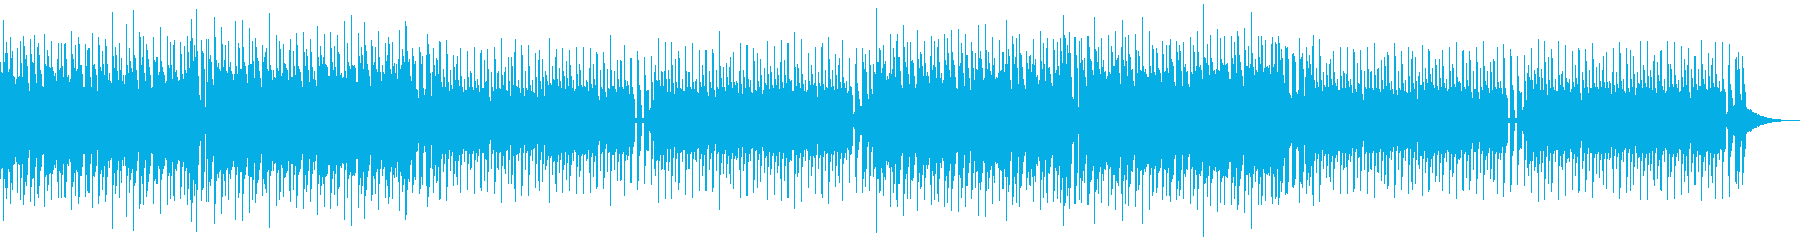 明るいアミューズメントスポーツEDMの再生済みの波形